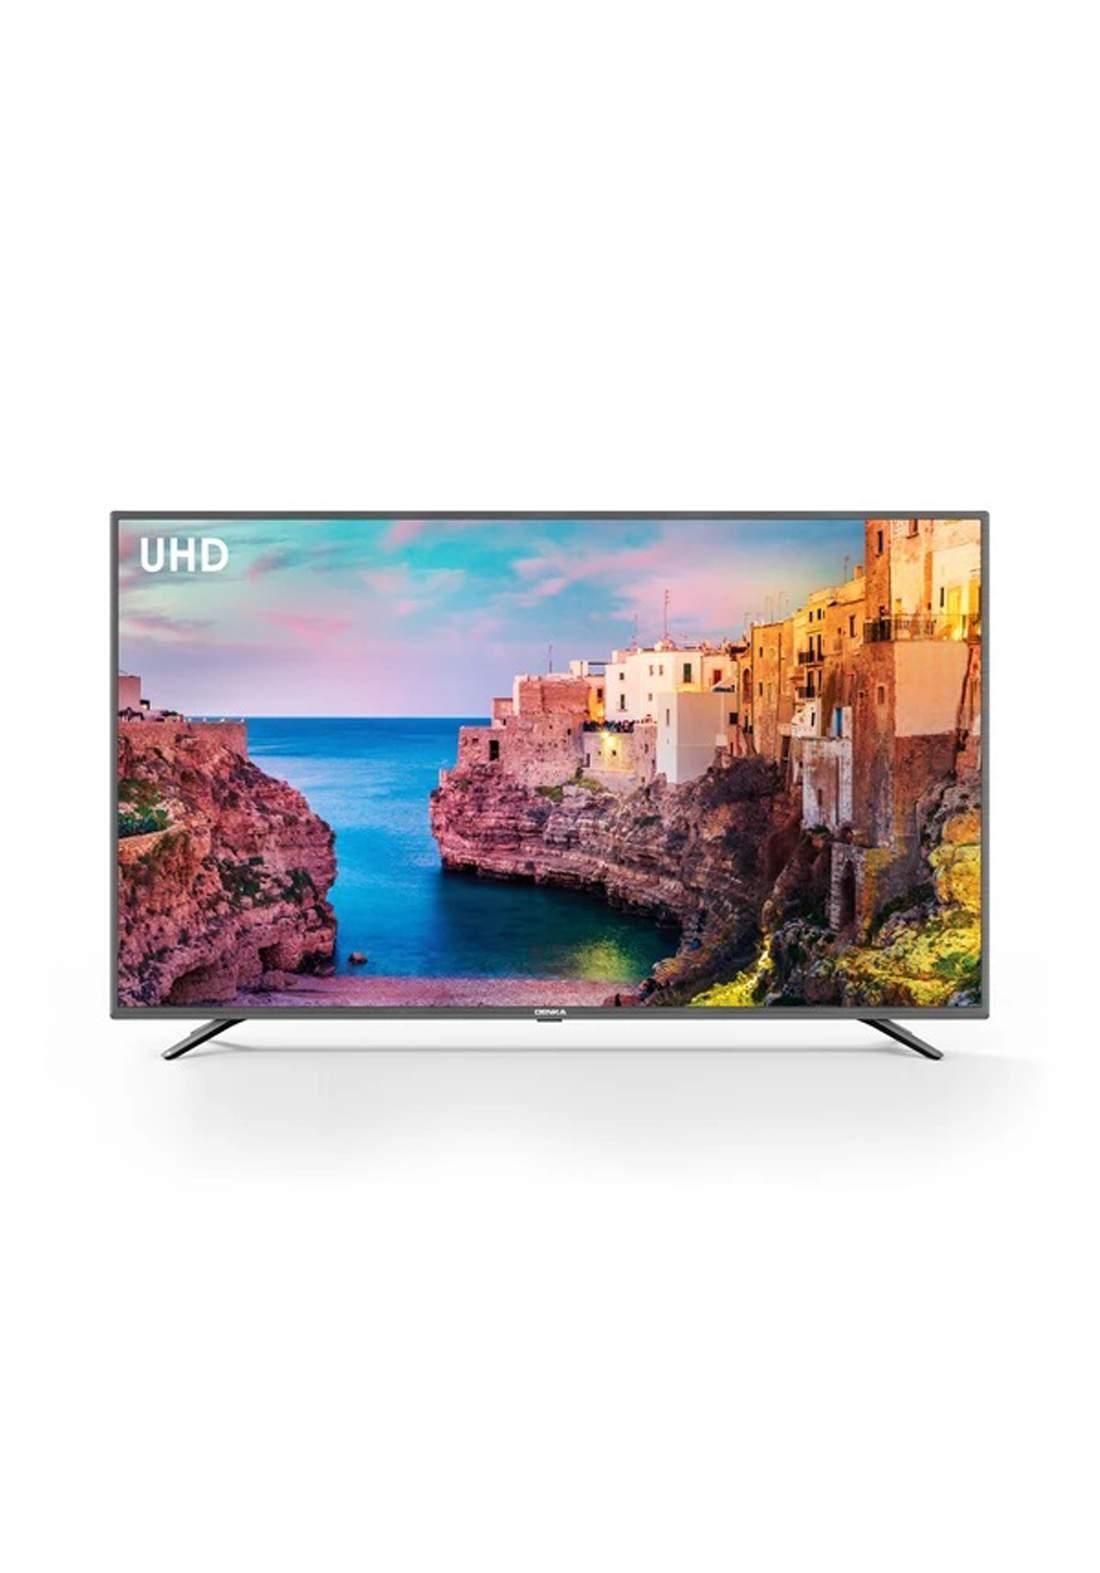 Denka RGS-50USLED Smart TV-50 شاشة من دنكا